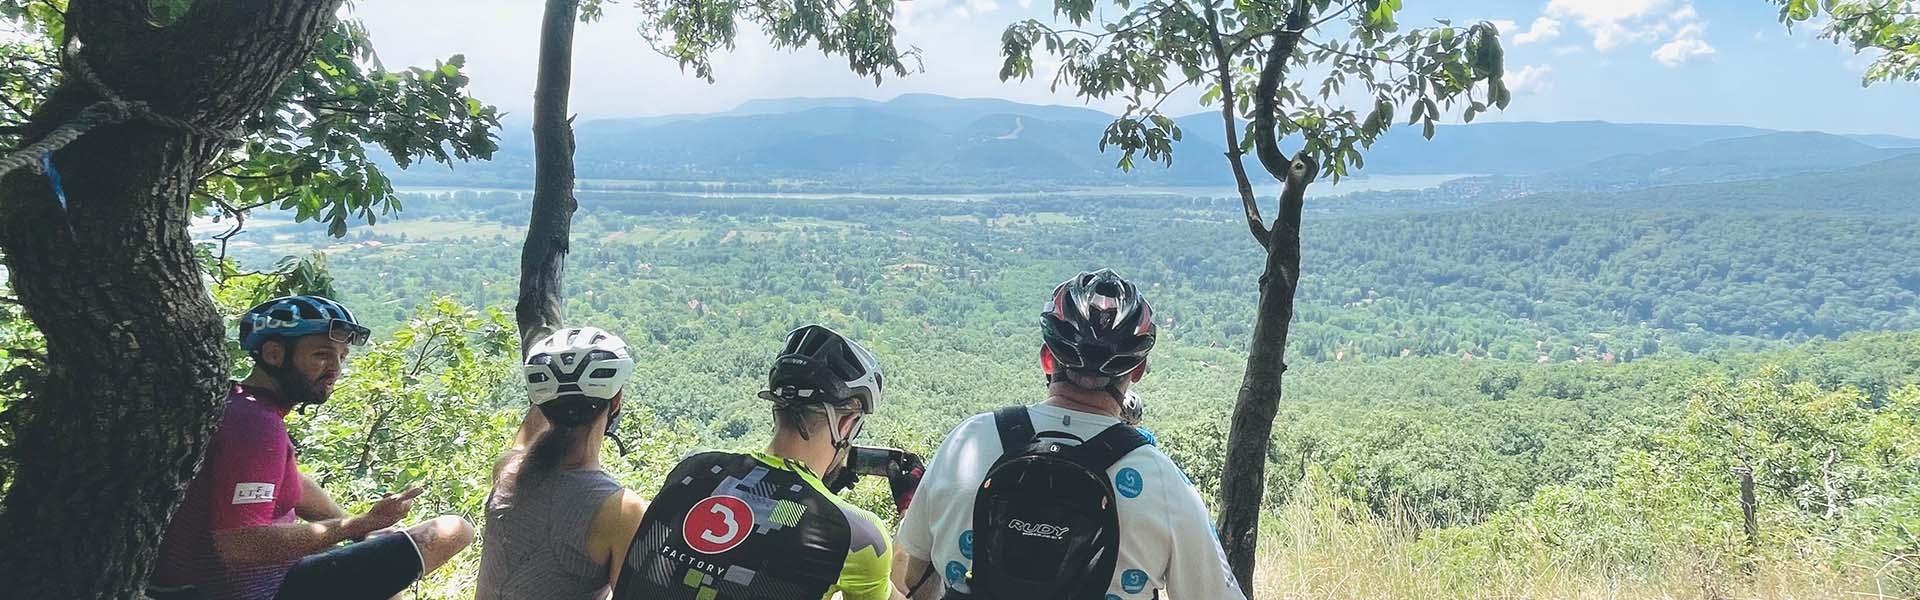 Kerékpárral a Börzsönyben